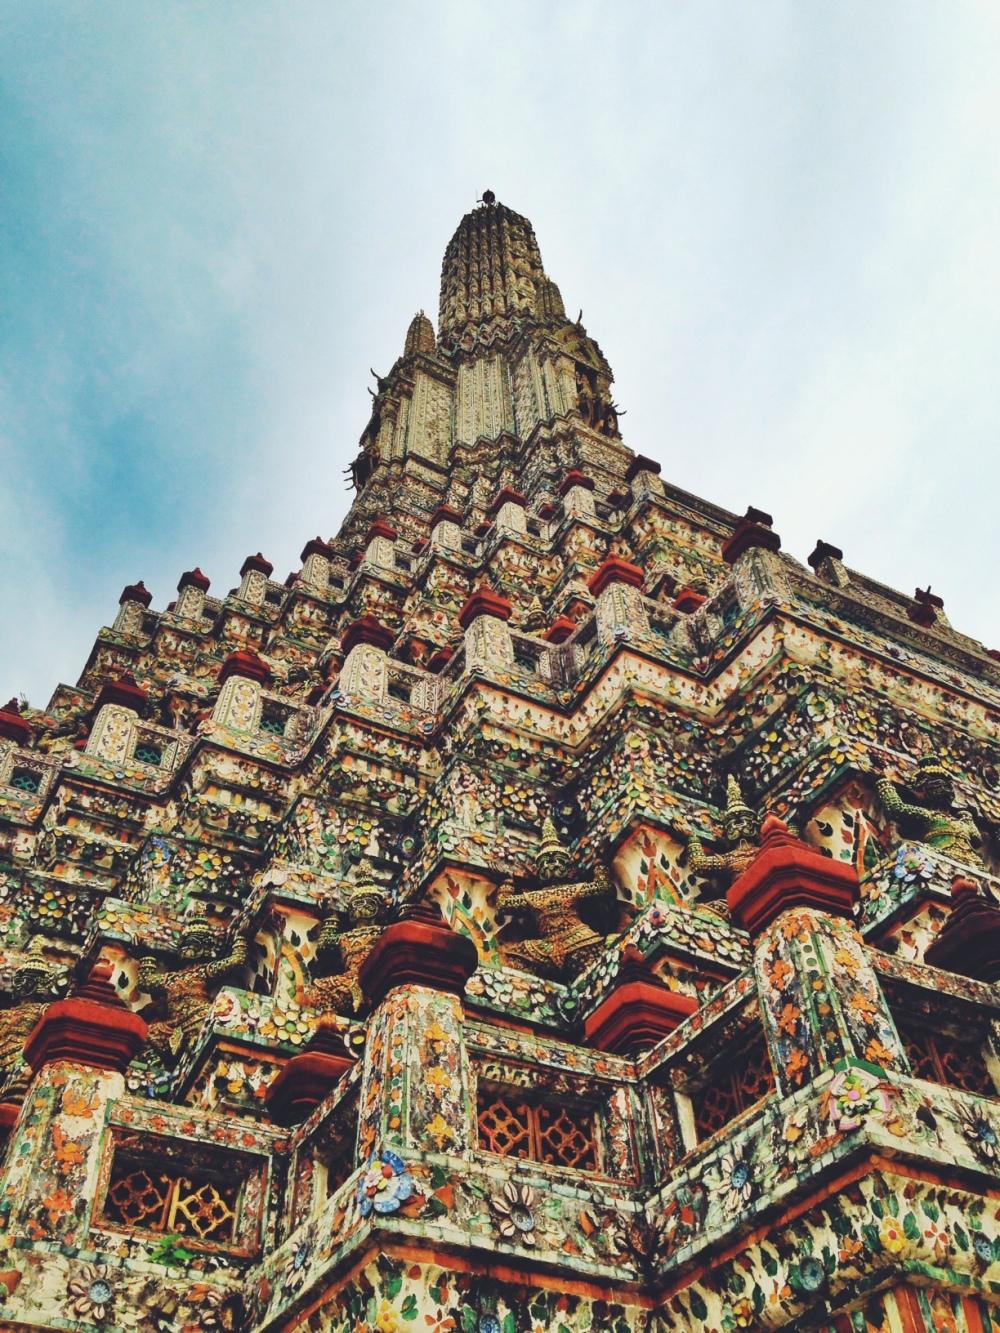 Wat Arun o Temple of Dawn. Kahit pakatikip-silim bisitahin ang templong ito, mamamangha ka sa sinsin ng mga porcelain at bubog na maingat na inilapat hanggang sa tuktok ng tore kung saan kita ang Ilog Chao Phraya at ang katimuhang bahagi ng Bangkok.